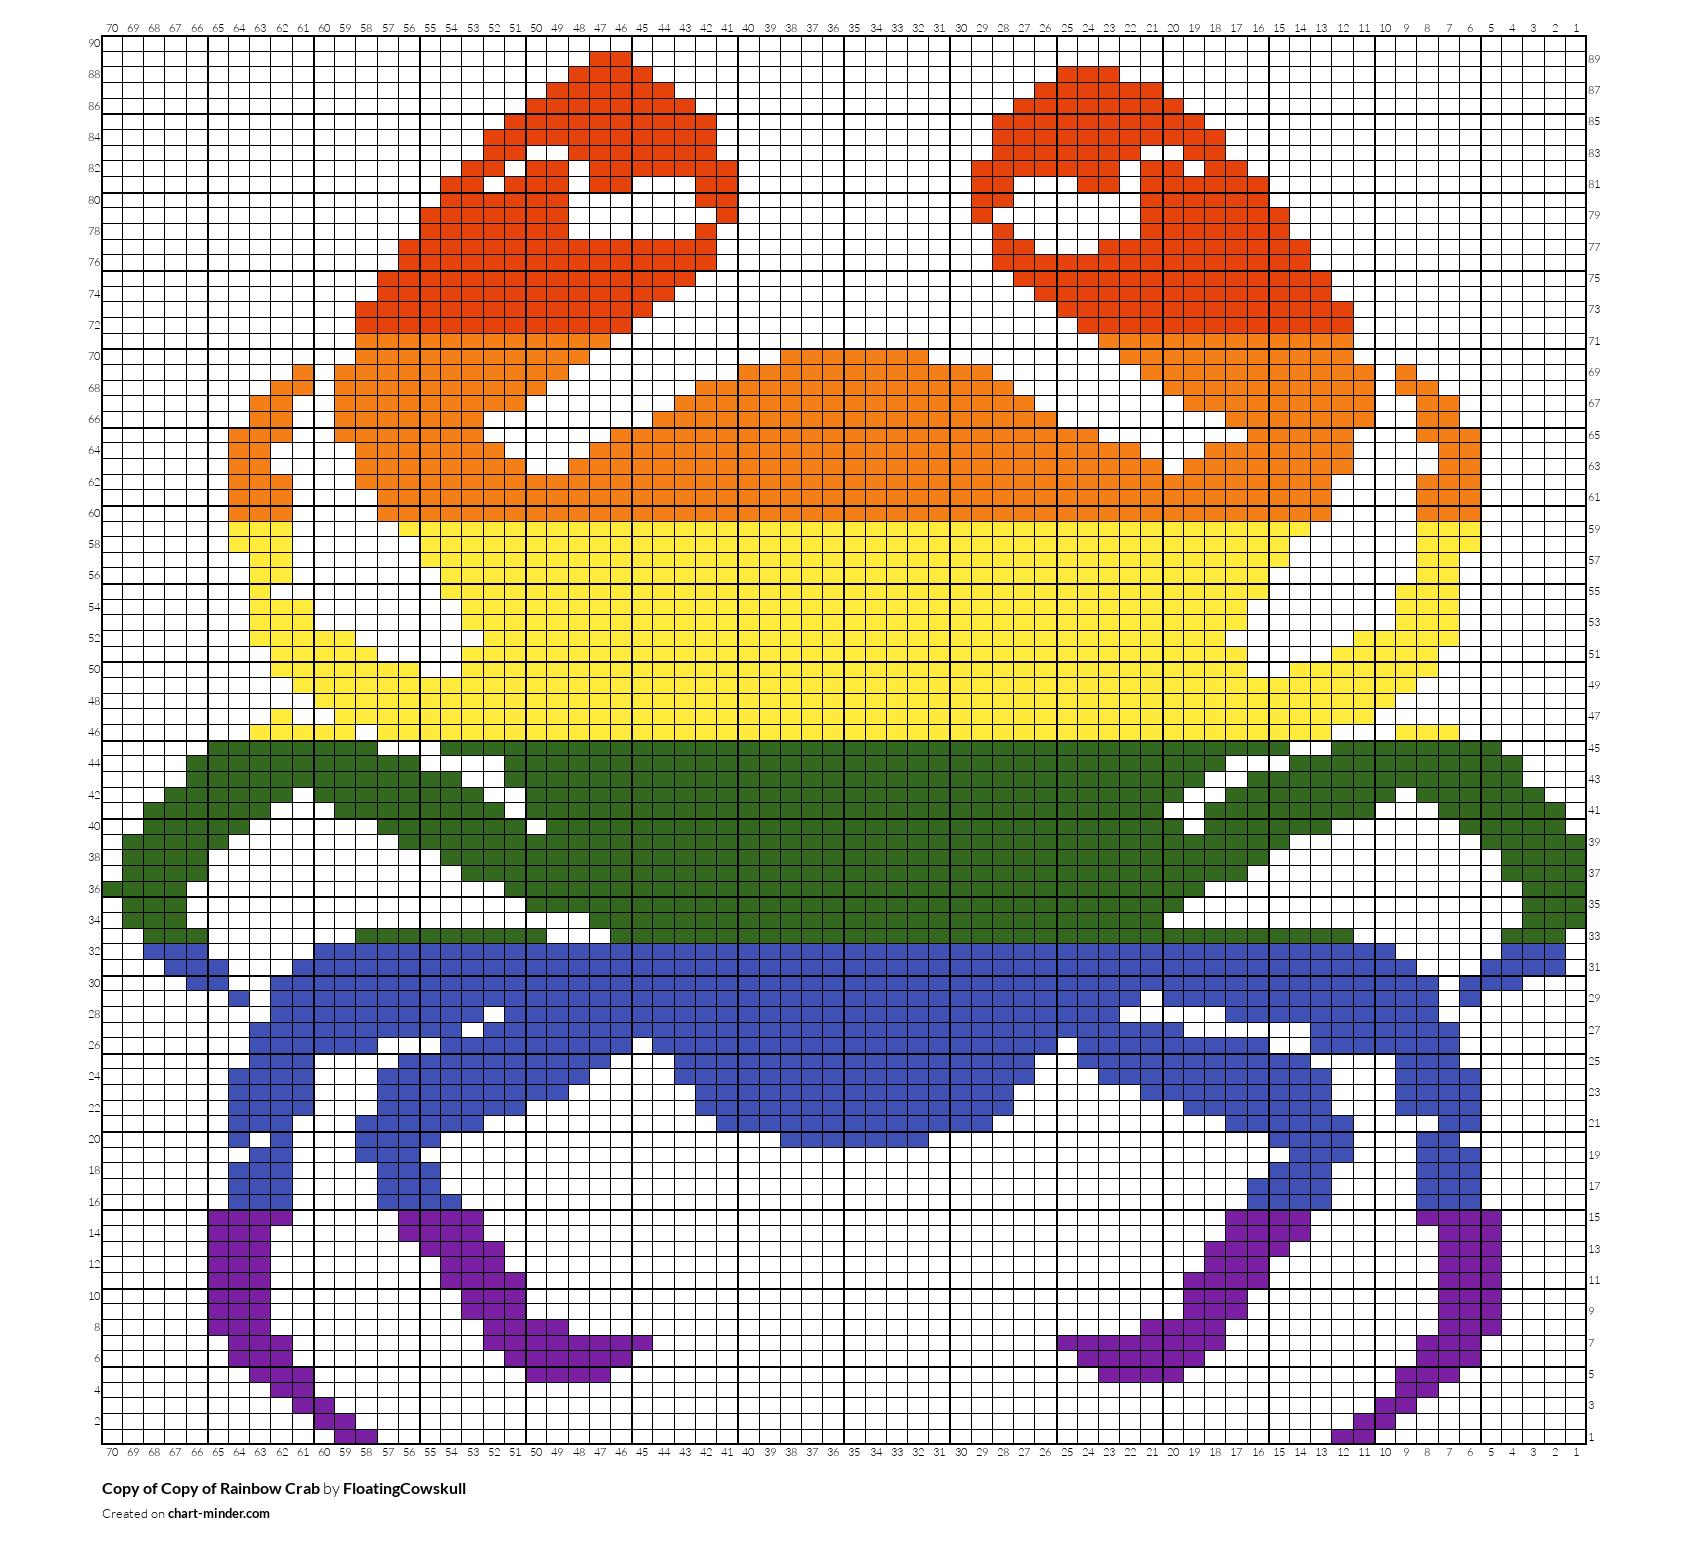 Copy of Copy of Rainbow Crab